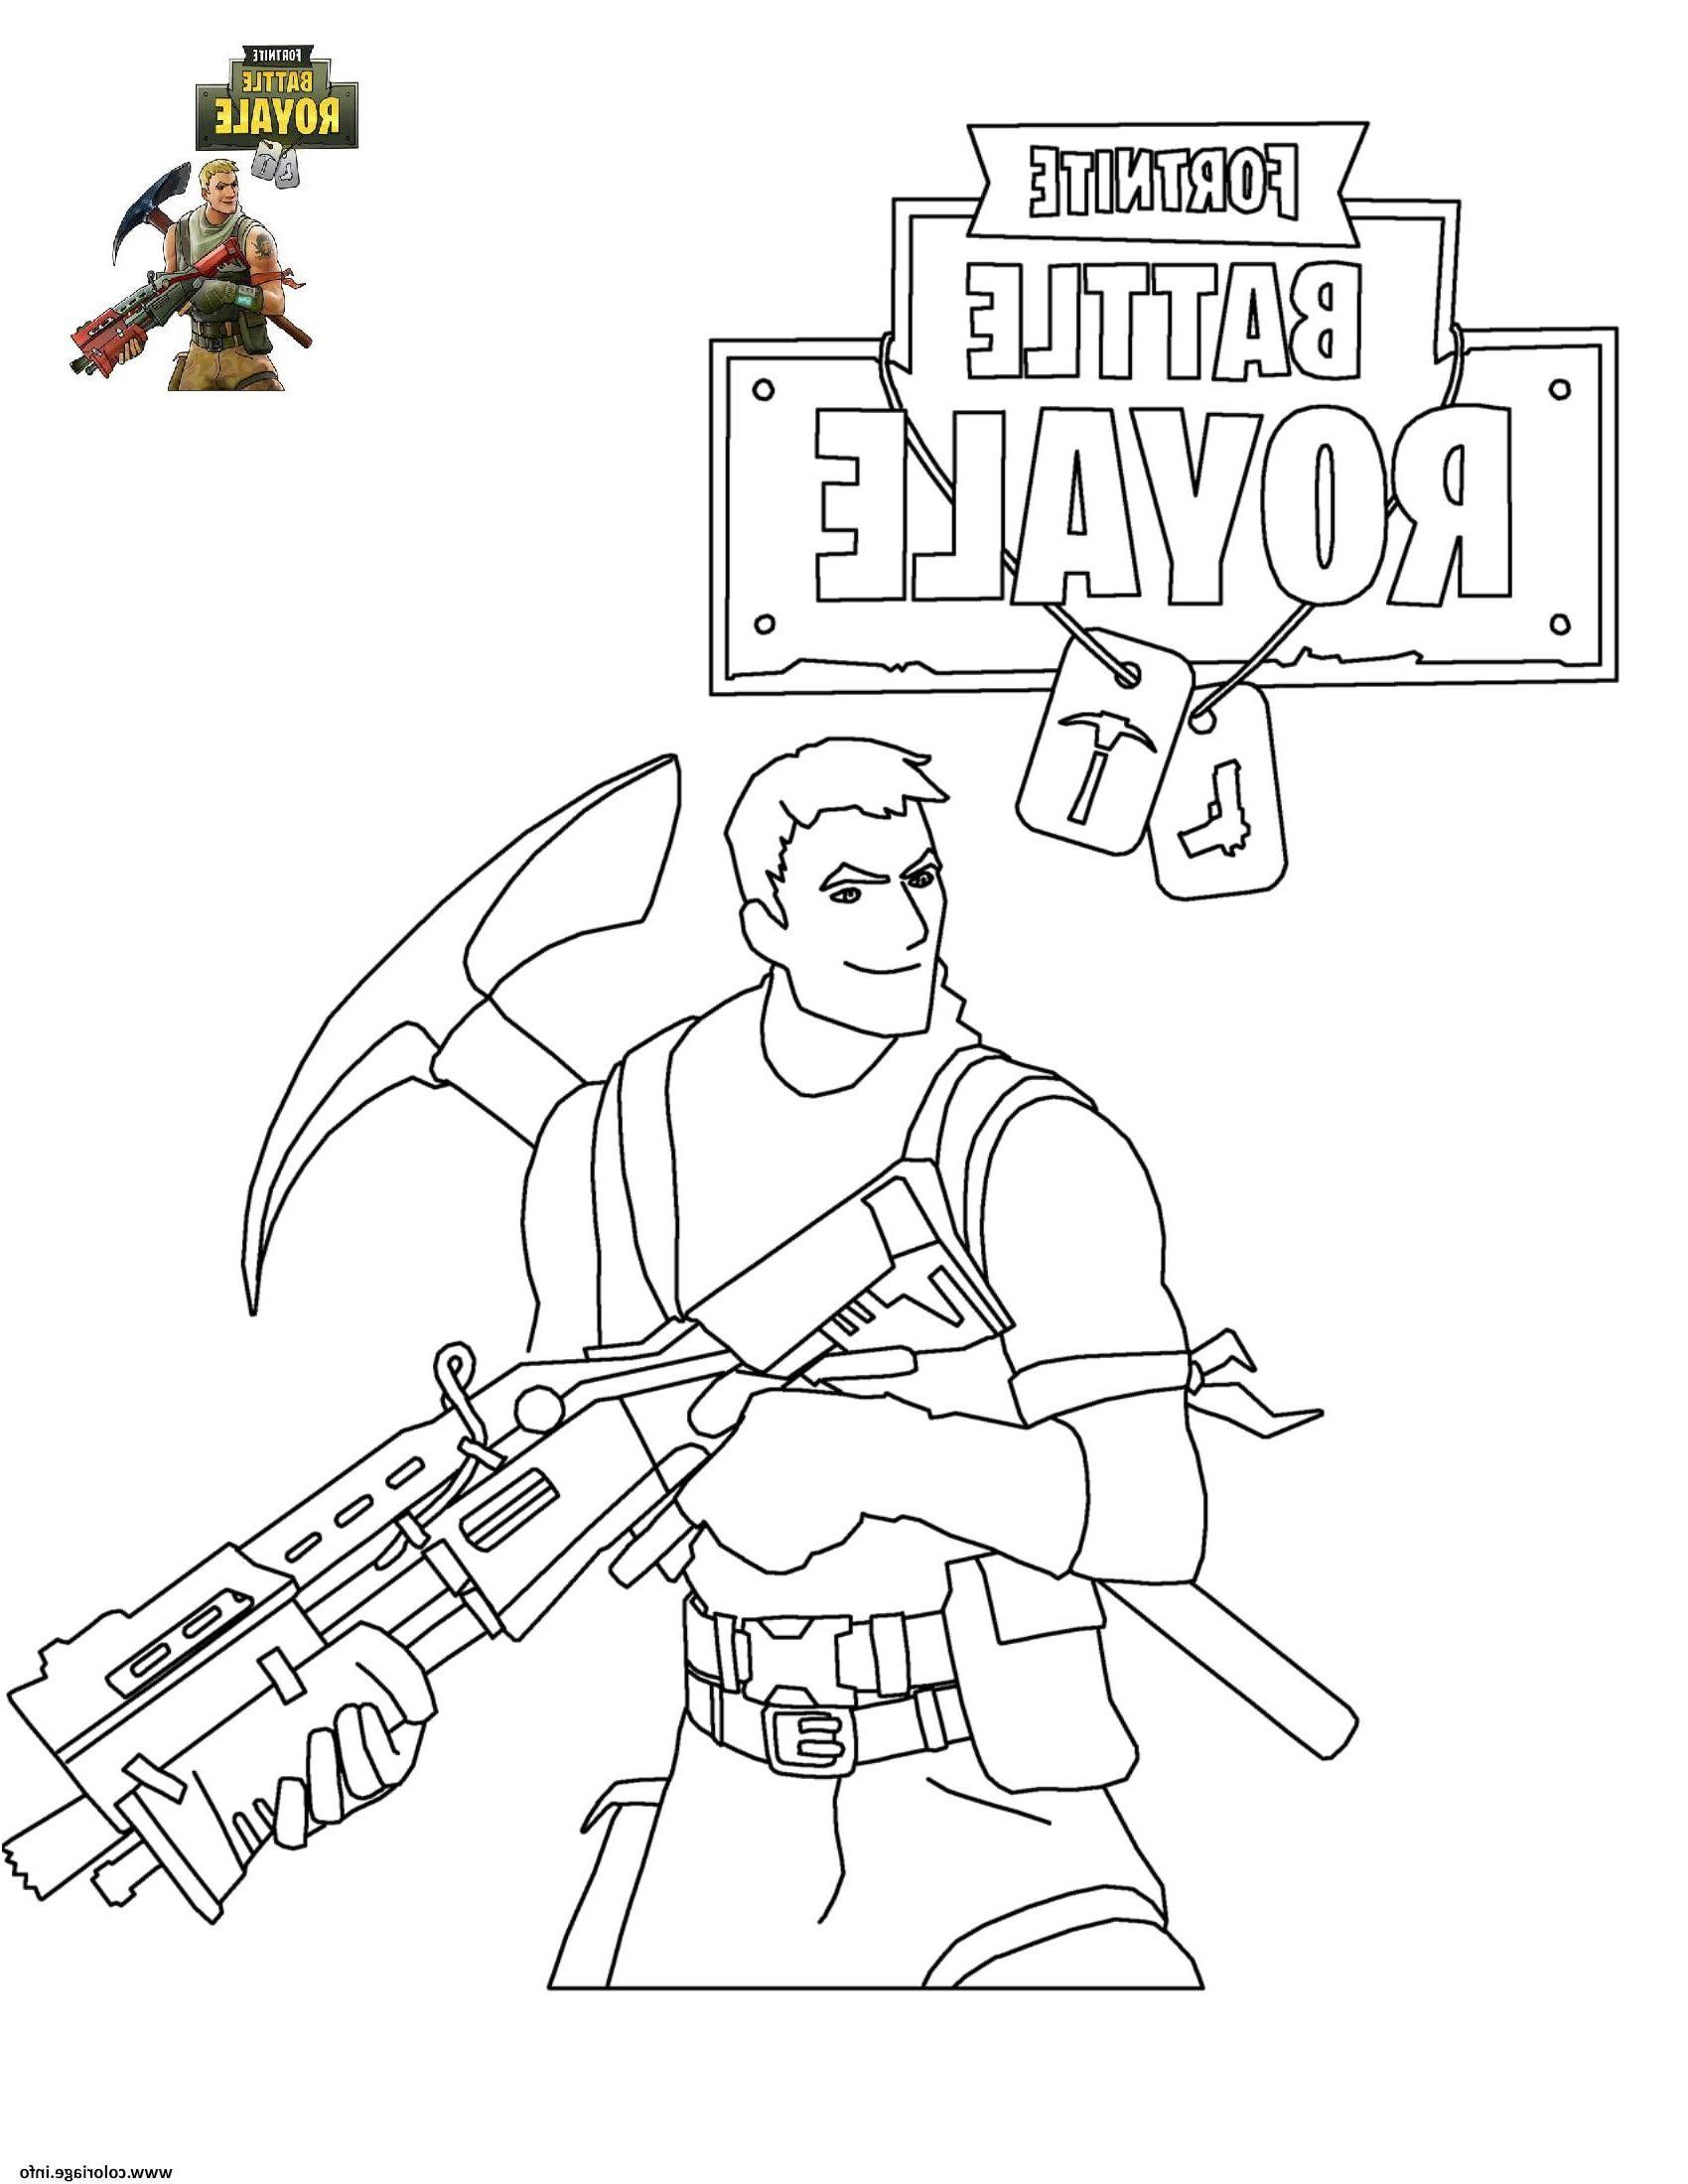 Coloriage Fortnite Battle Royale Jecolorie Coloriage Livre Coloriage Page De Coloriage